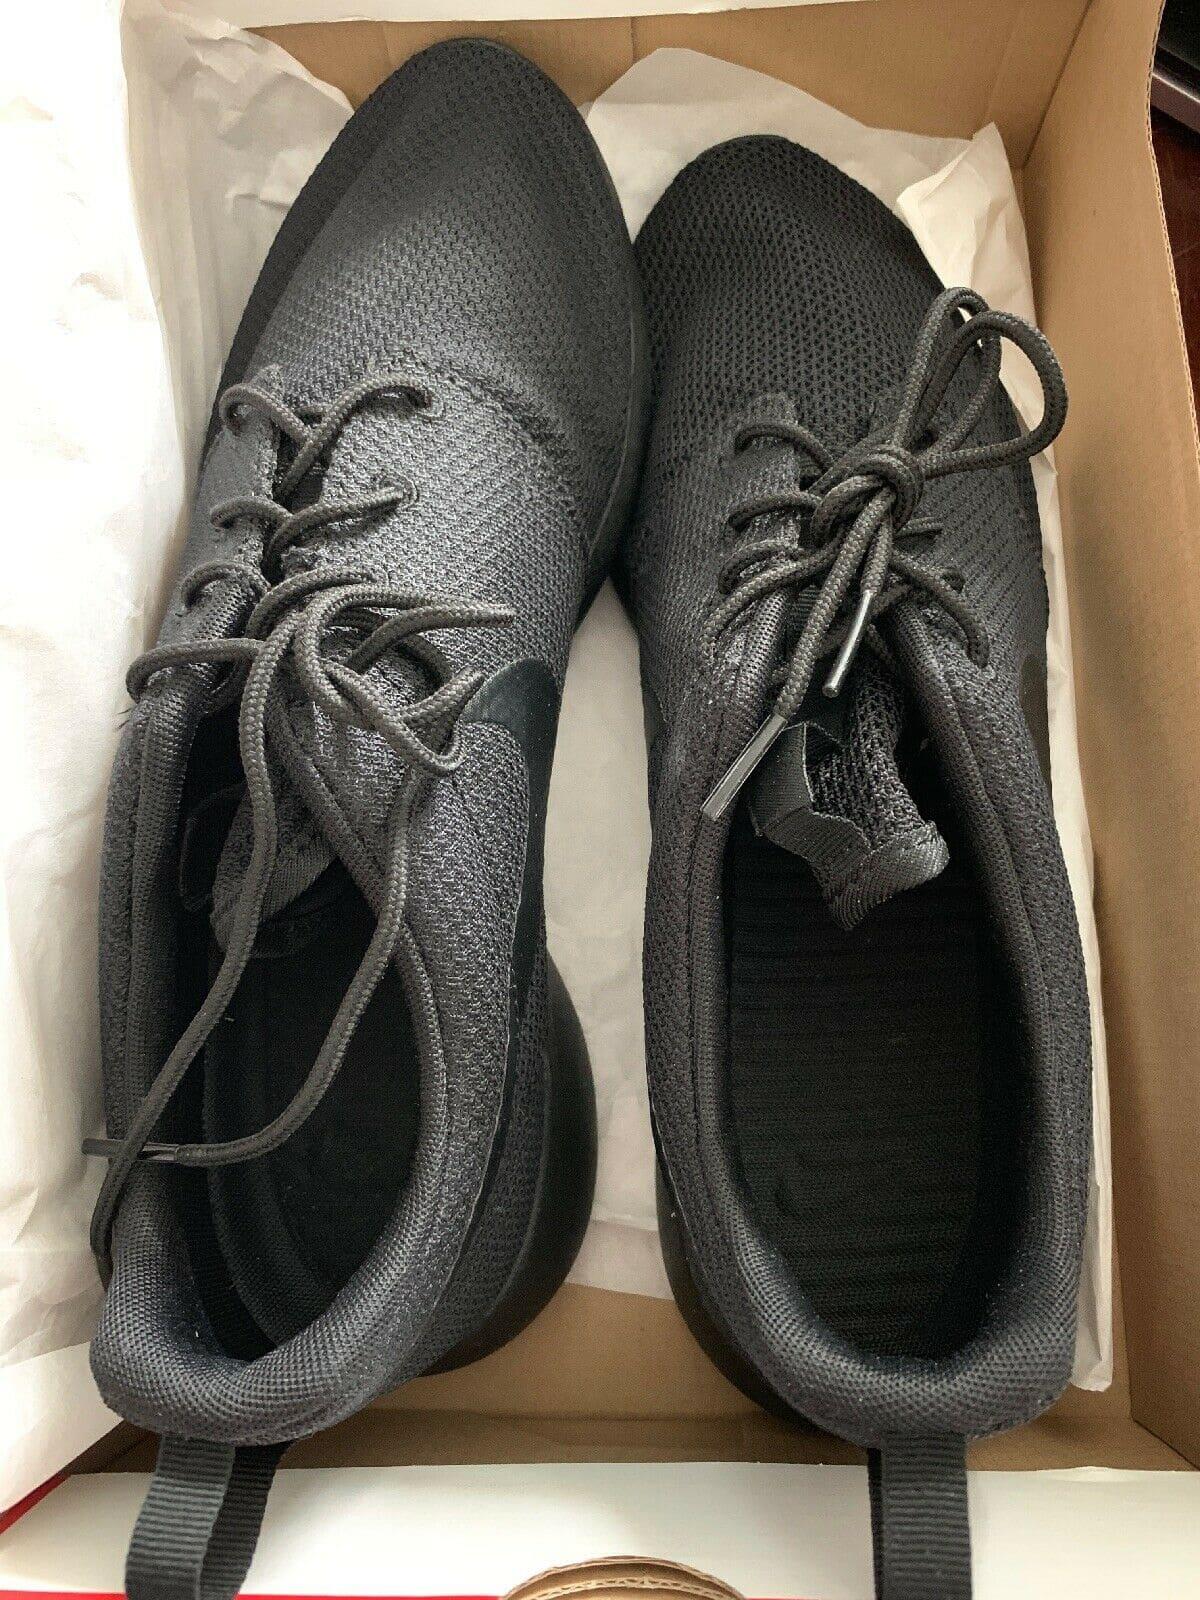 ! รองเท้า ไนกี้ โรเช่ วัน ทริปเปิ้ล แบล็ค สีดำล้วน ผู้ชาย / ผู้หญิง